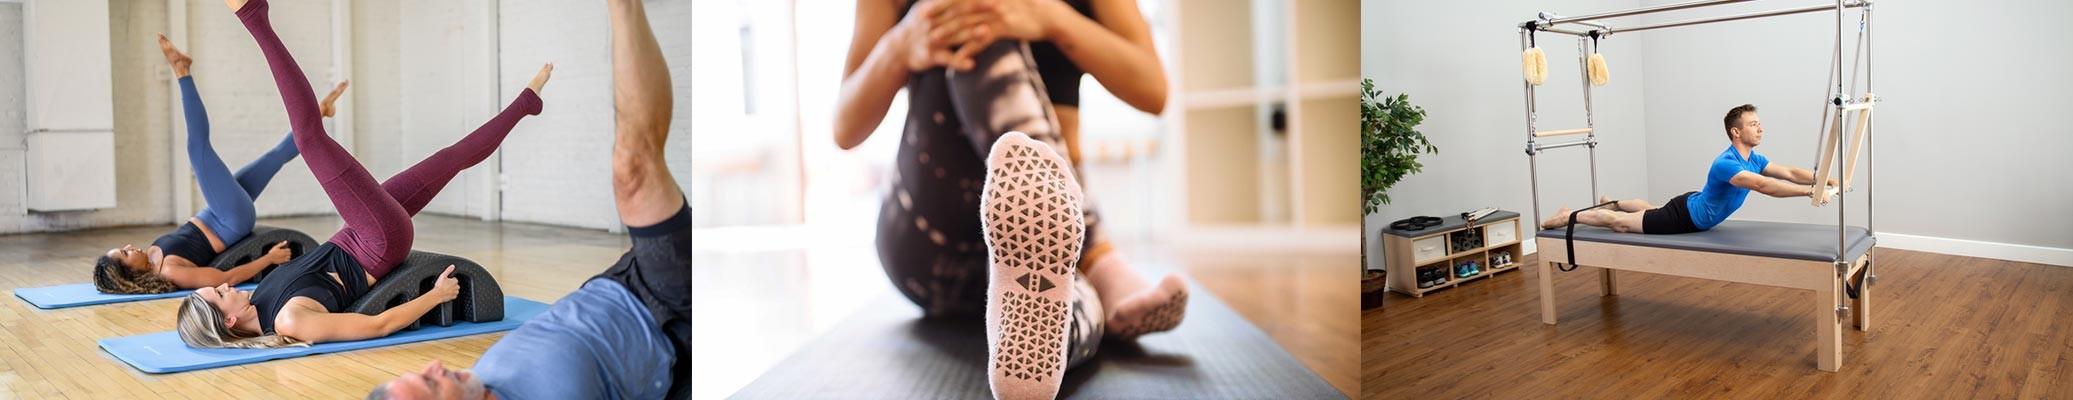 Exercice avec Pilates Arc - Chaussettes Pilates anti-dérapentes - Utilisation reformer trapèze